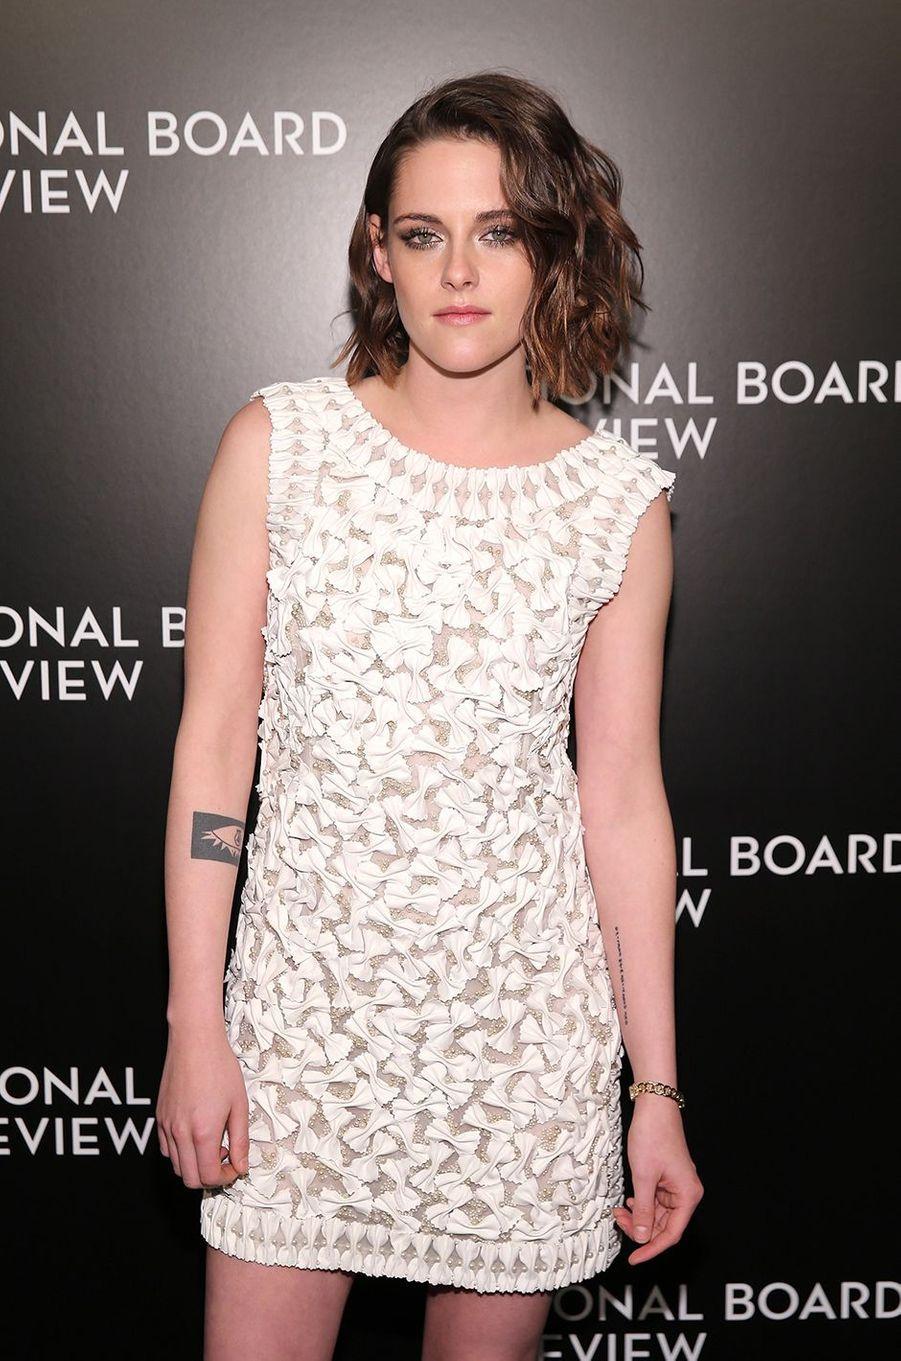 Kristen Stewart lors de la soirée National Board of Review Gala à New York en janvier 2016